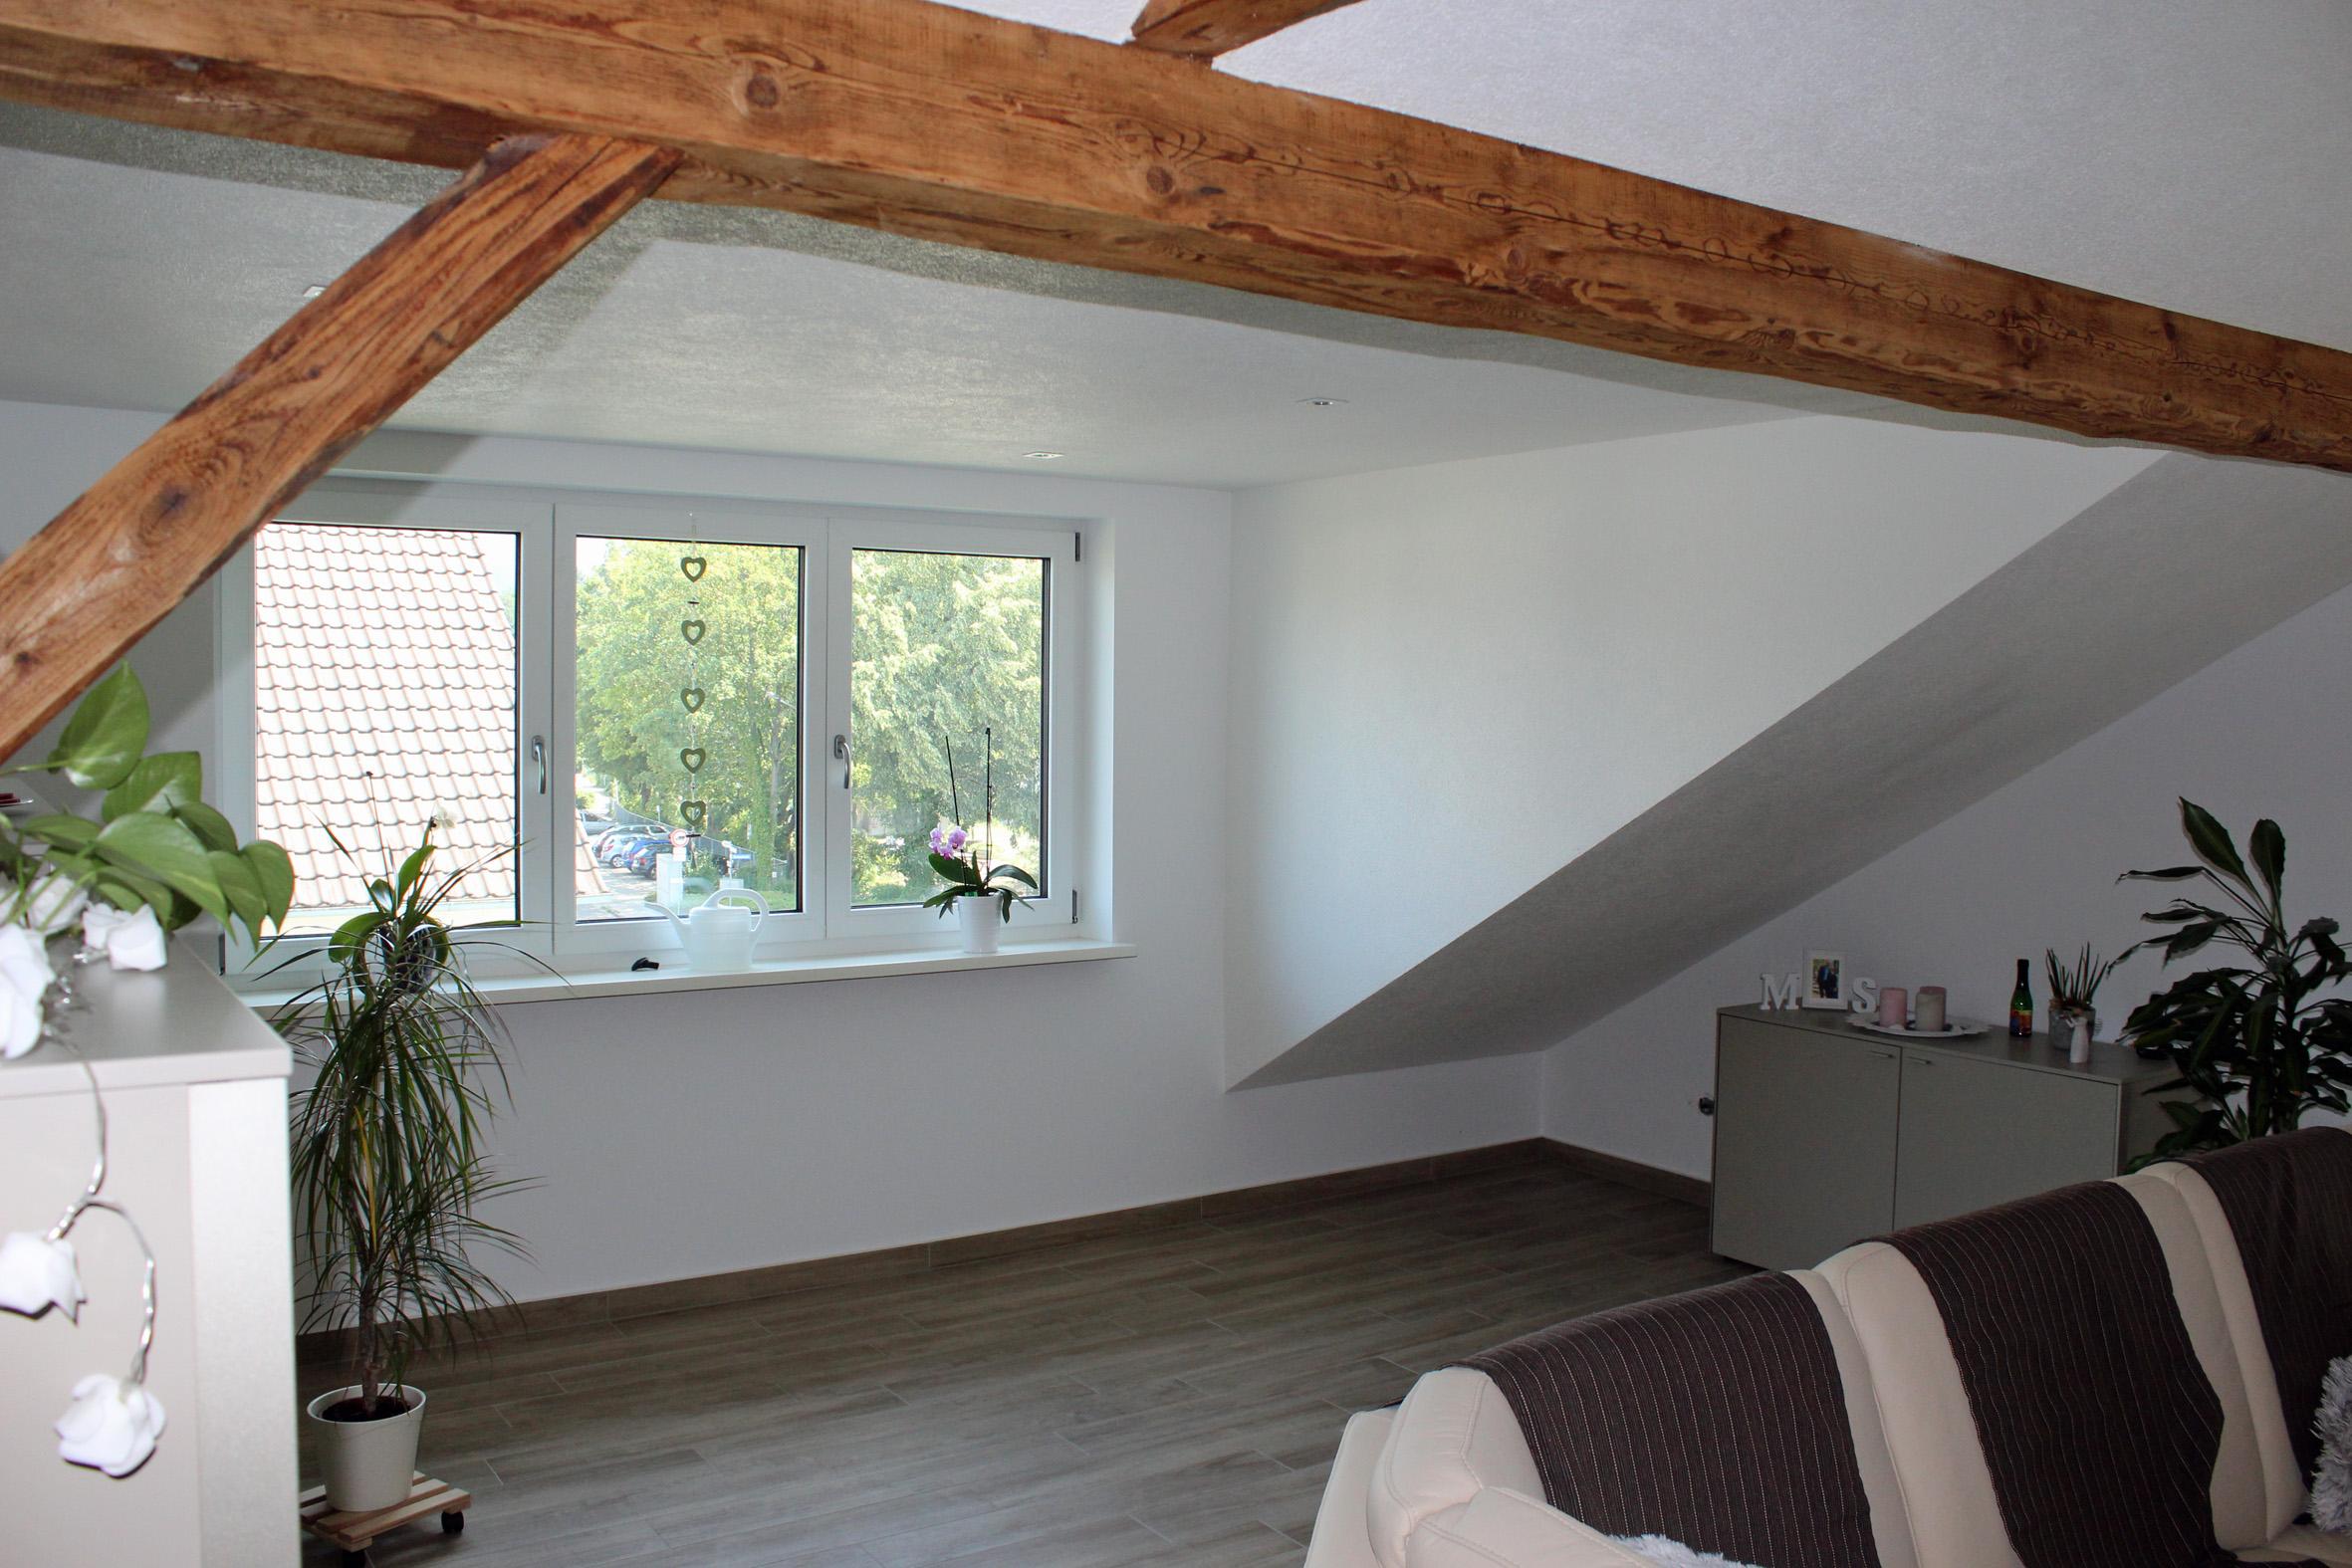 vff der rss feed. Black Bedroom Furniture Sets. Home Design Ideas